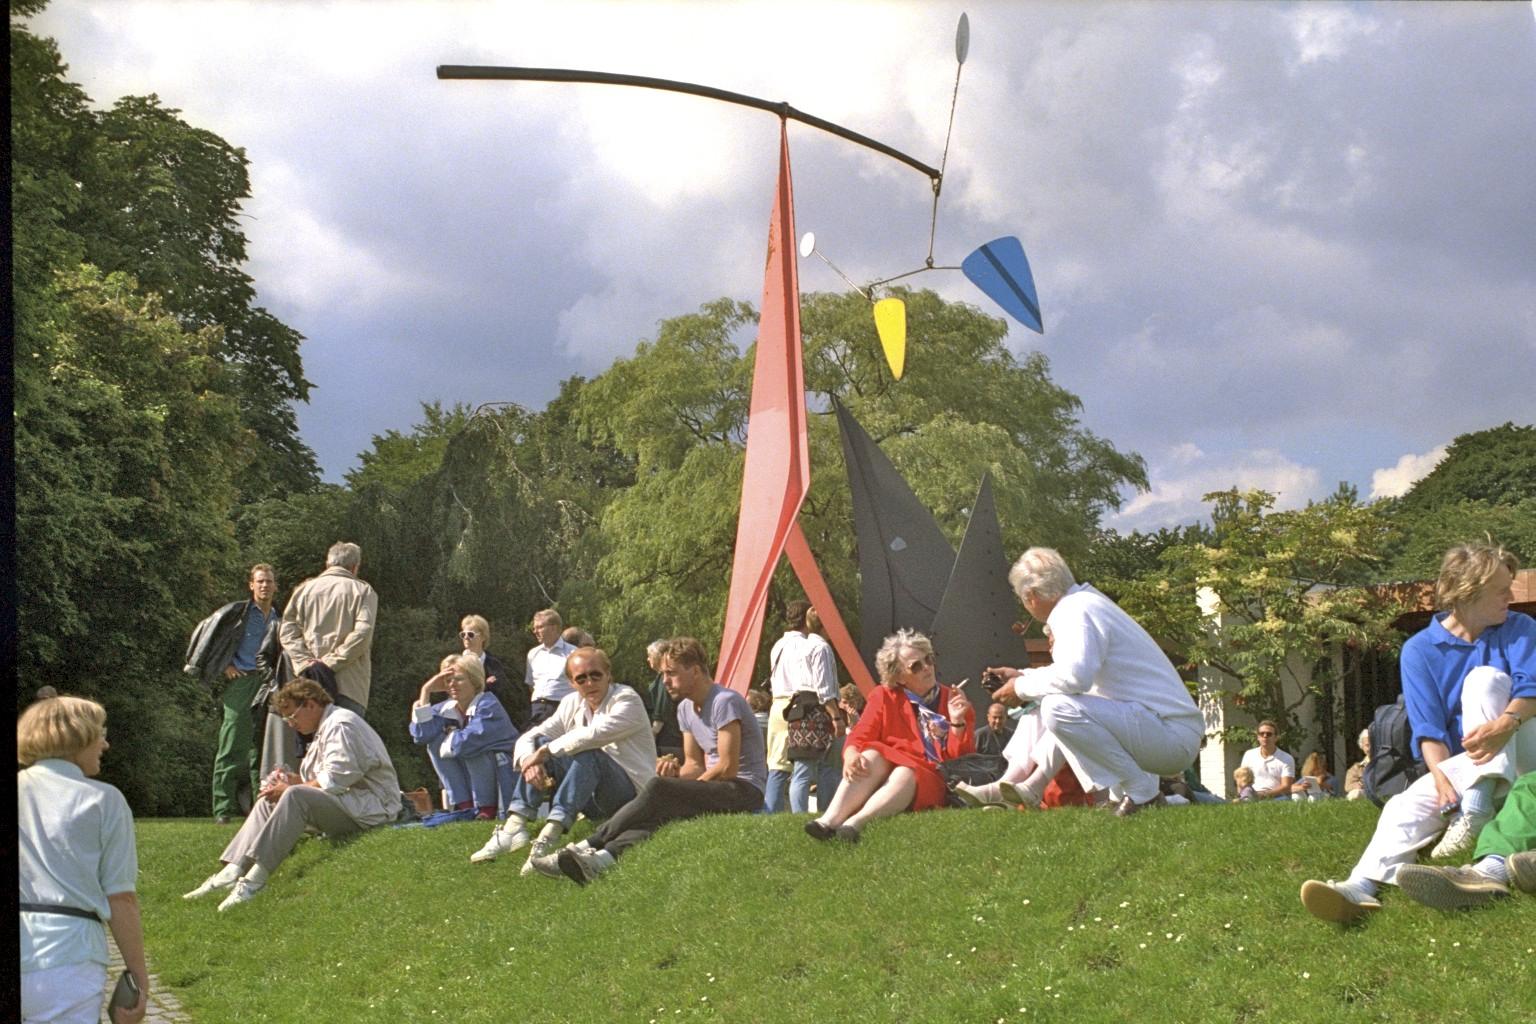 Louisiana, Alexander Calder